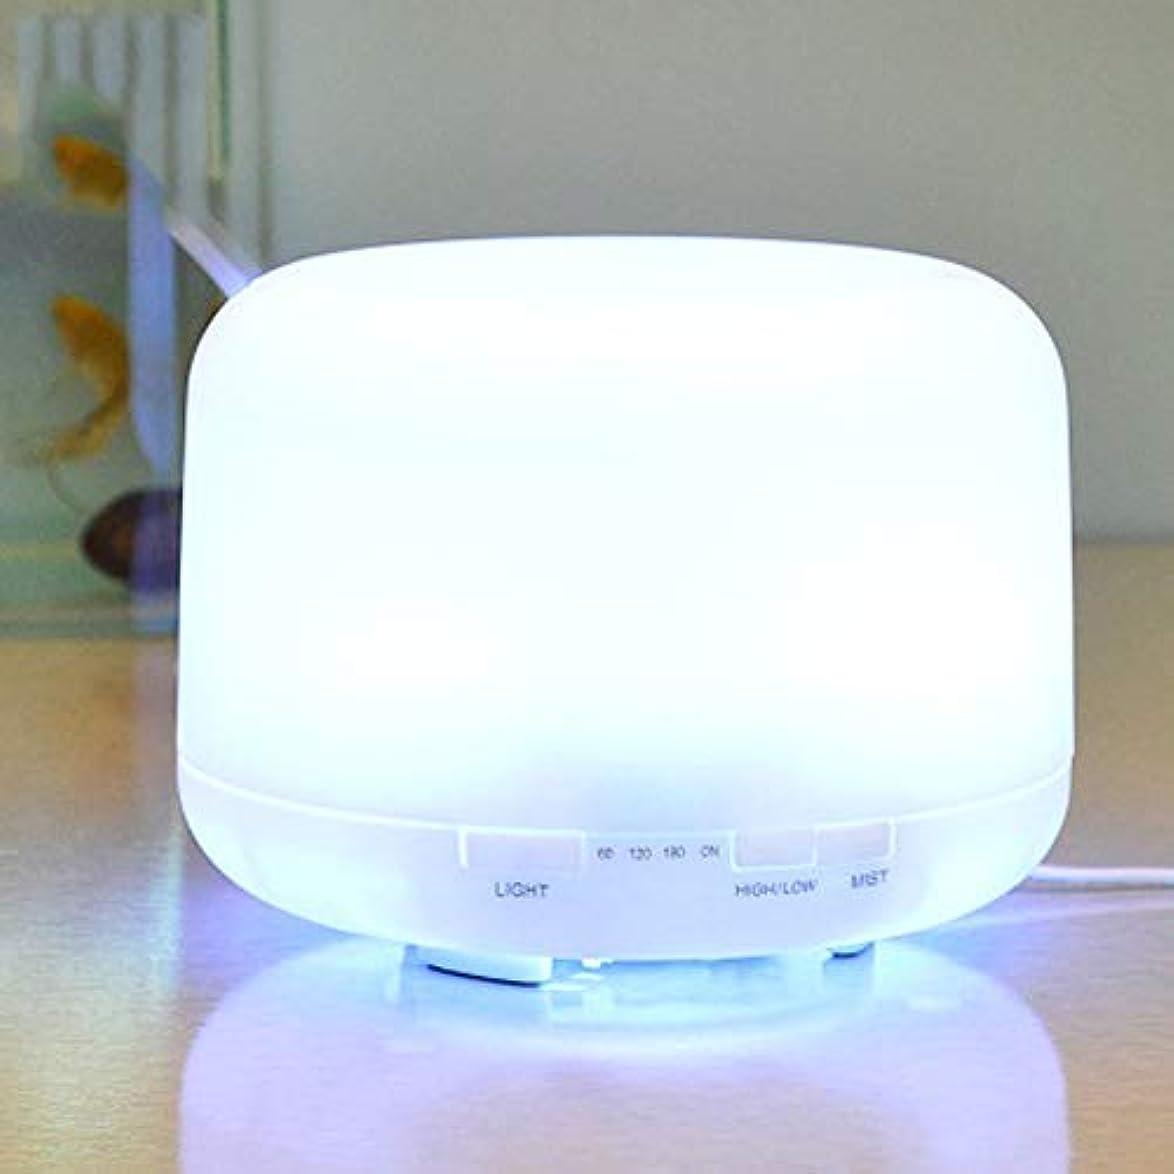 ノート禁止南西1000ml のエッセンシャルオイルディフューザー、プレミアム超音波アロマセラピー香りオイルディフューザー気化器、タイマーと水なしオートオフ、7 LED ライトカラー